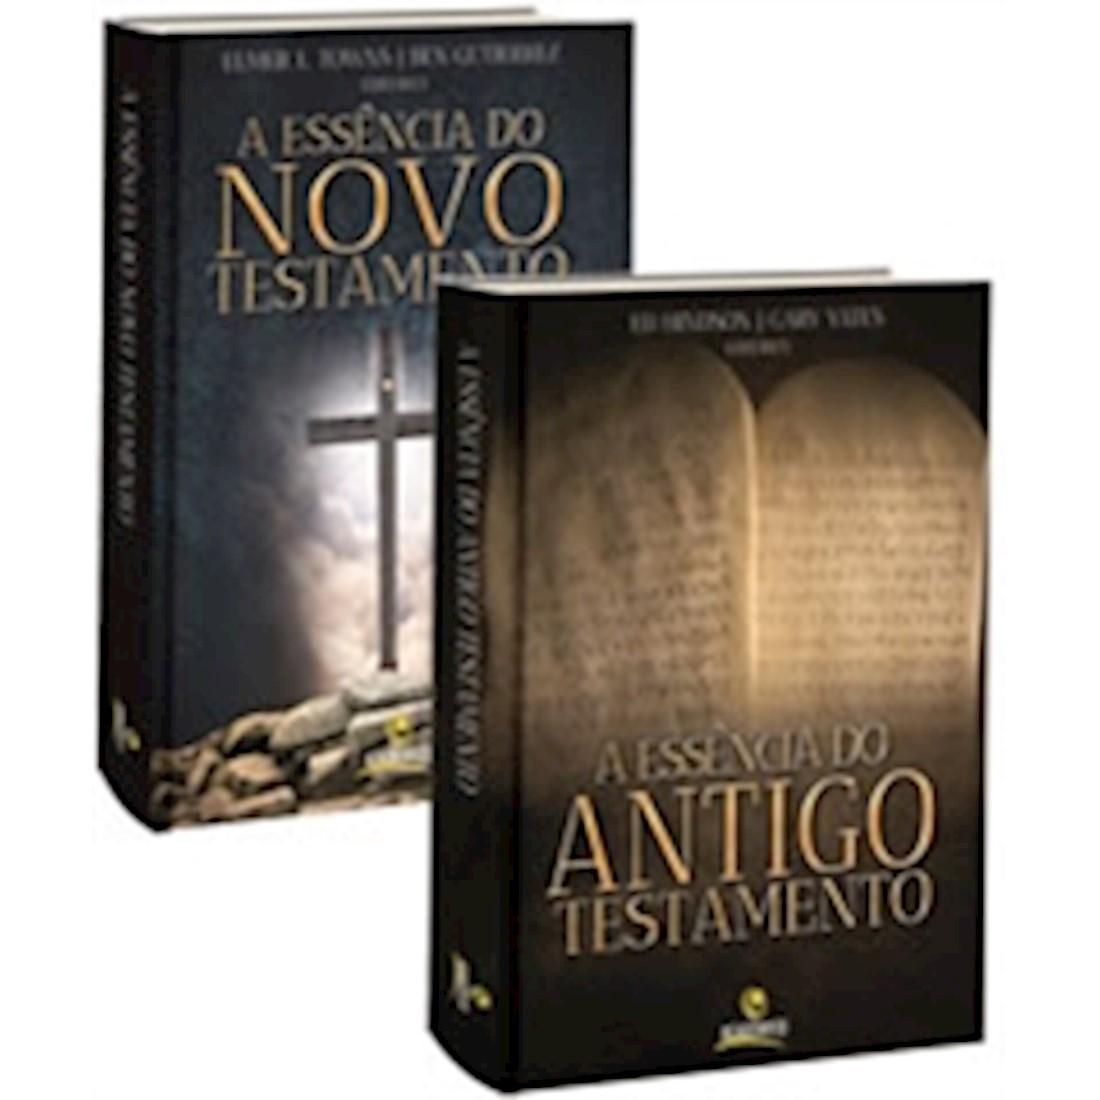 Livros A Essência do Antigo Testamento e a Essência do Novo Testamento